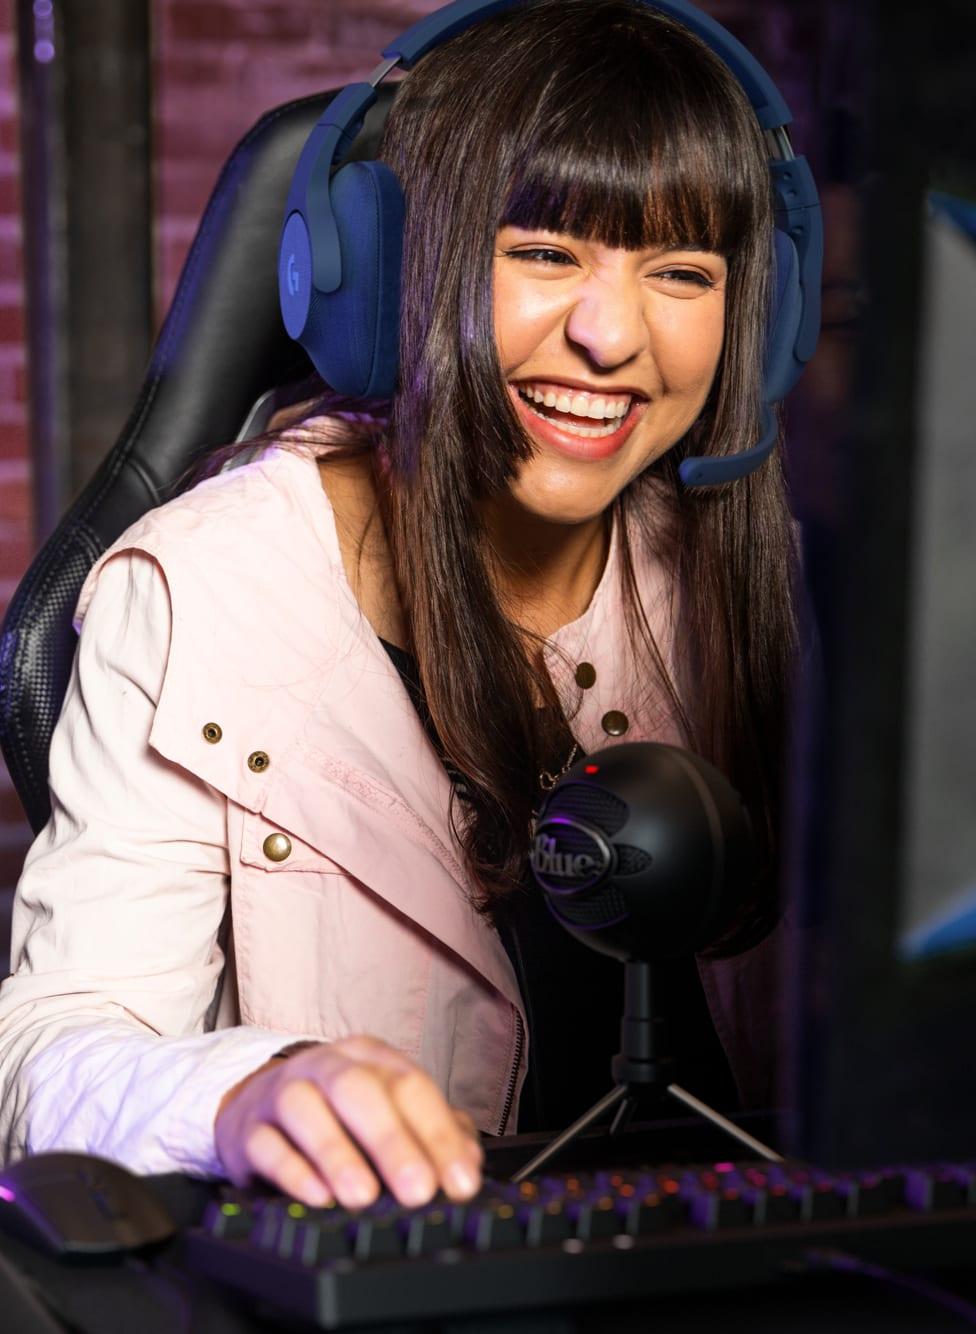 Girl using Gaming headset